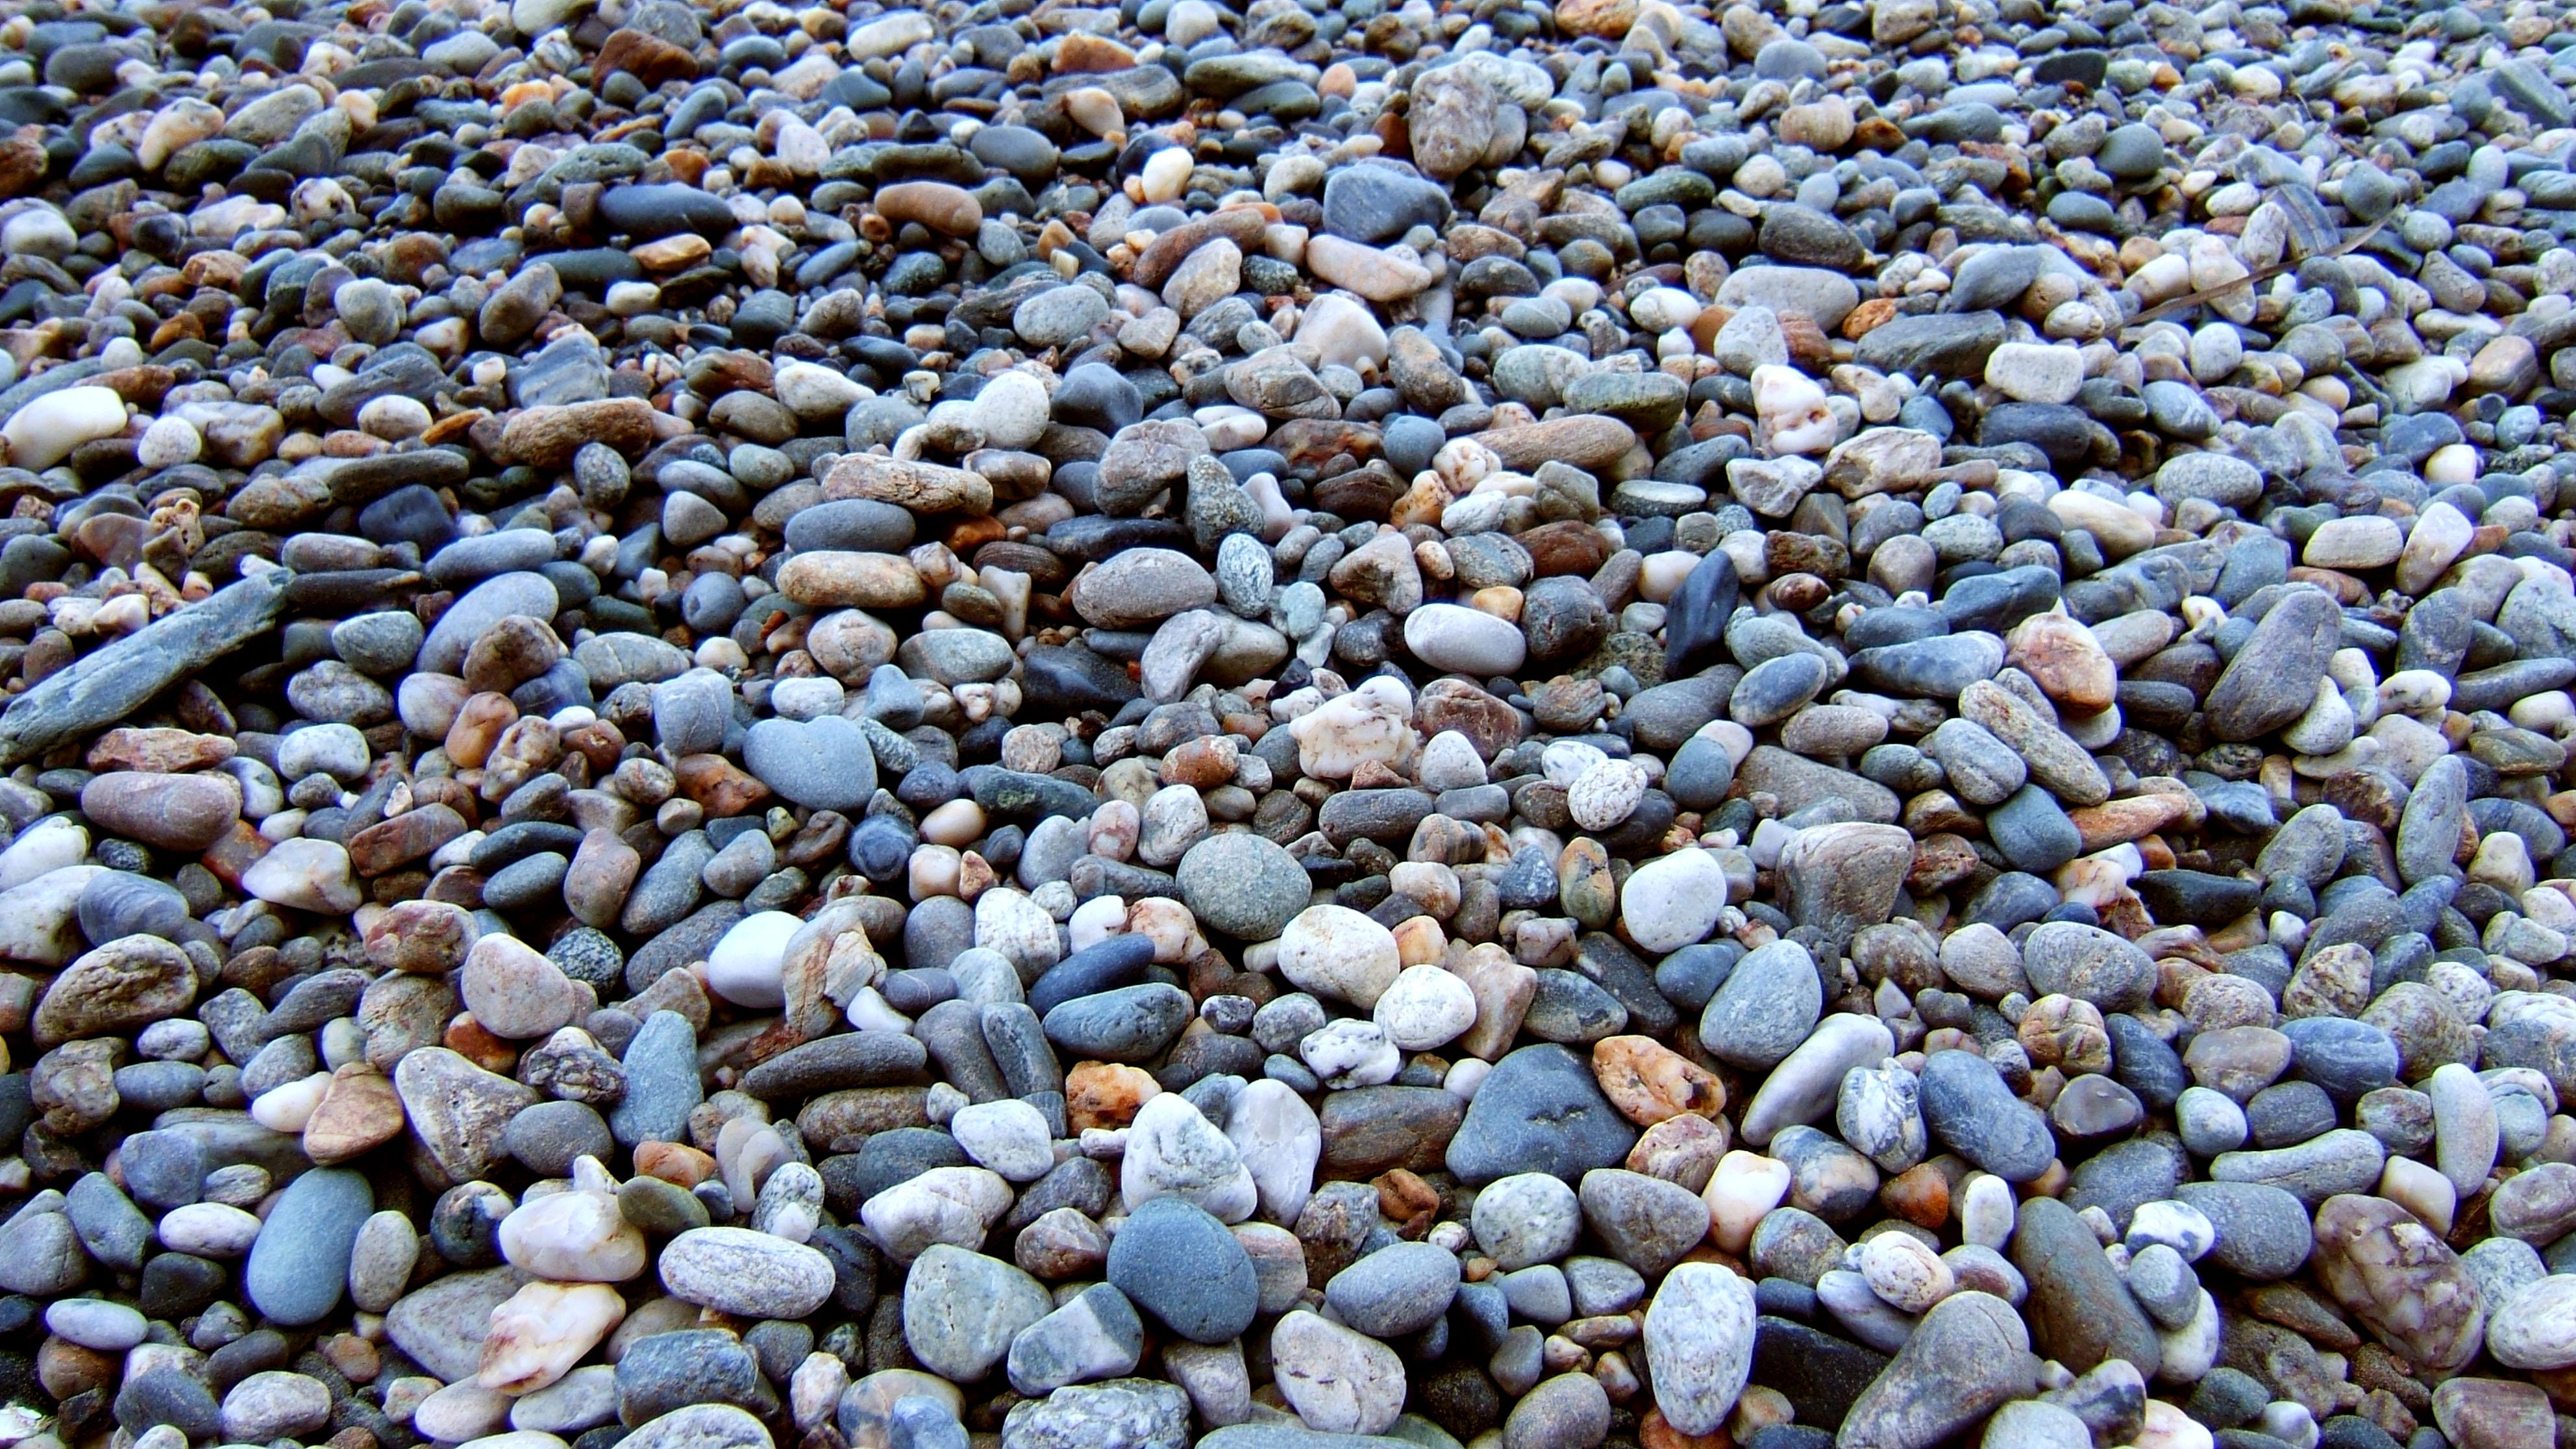 Textures Stones Pebbles Mindoro White Beach 03